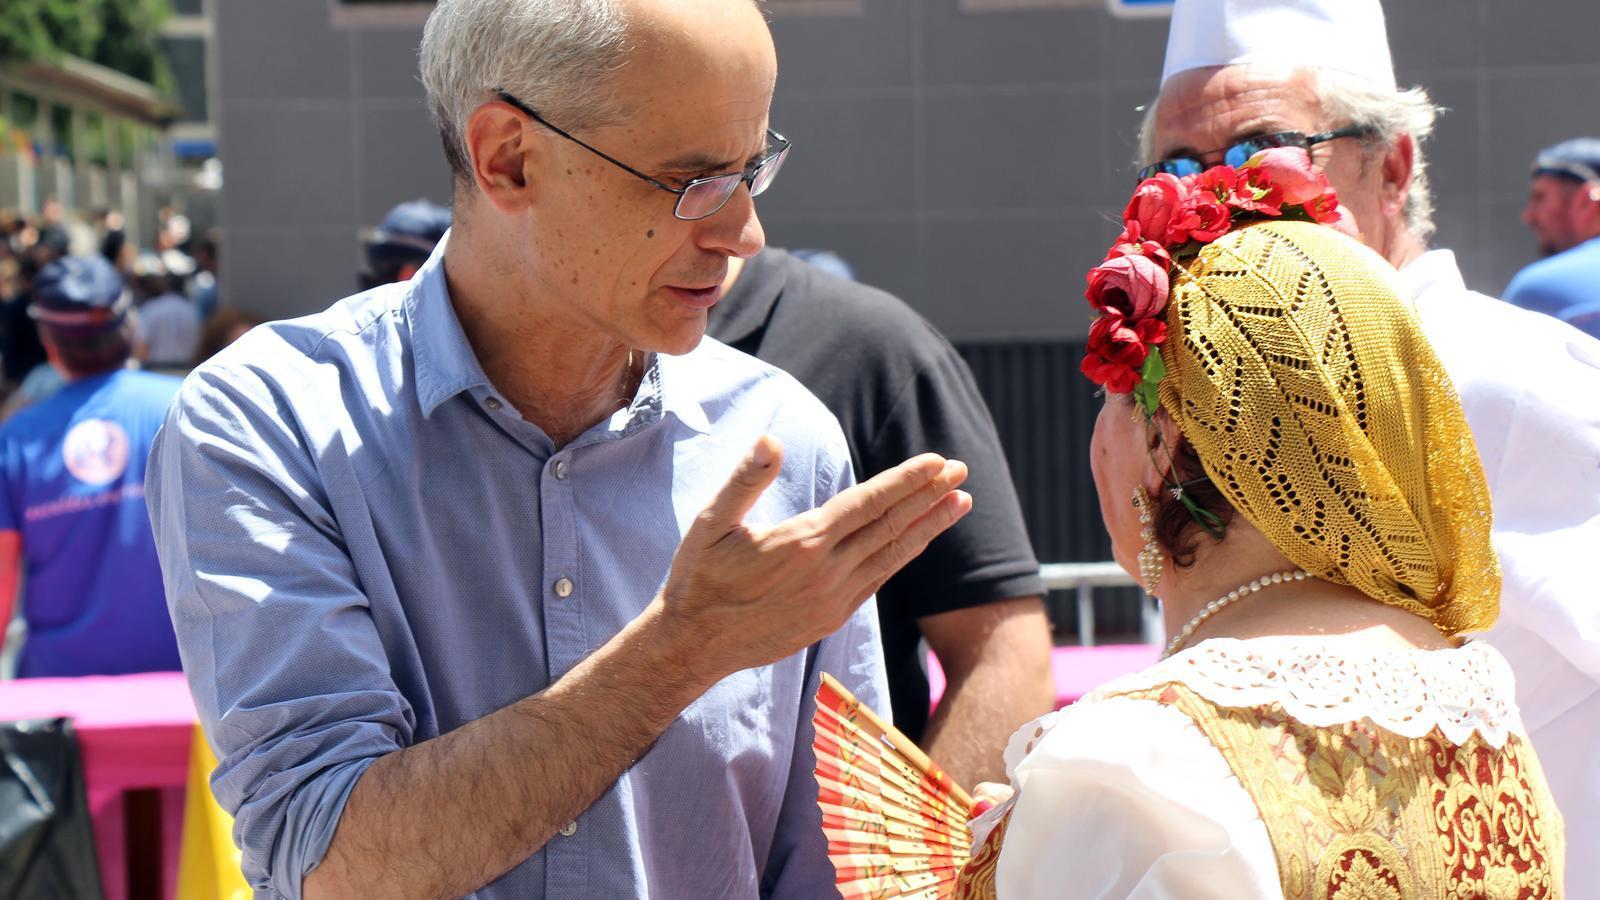 El cap de Govern, Toni Martí, aquest diumenge durant l'arrossada popular d'Escaldes. / C.G. (ANA)